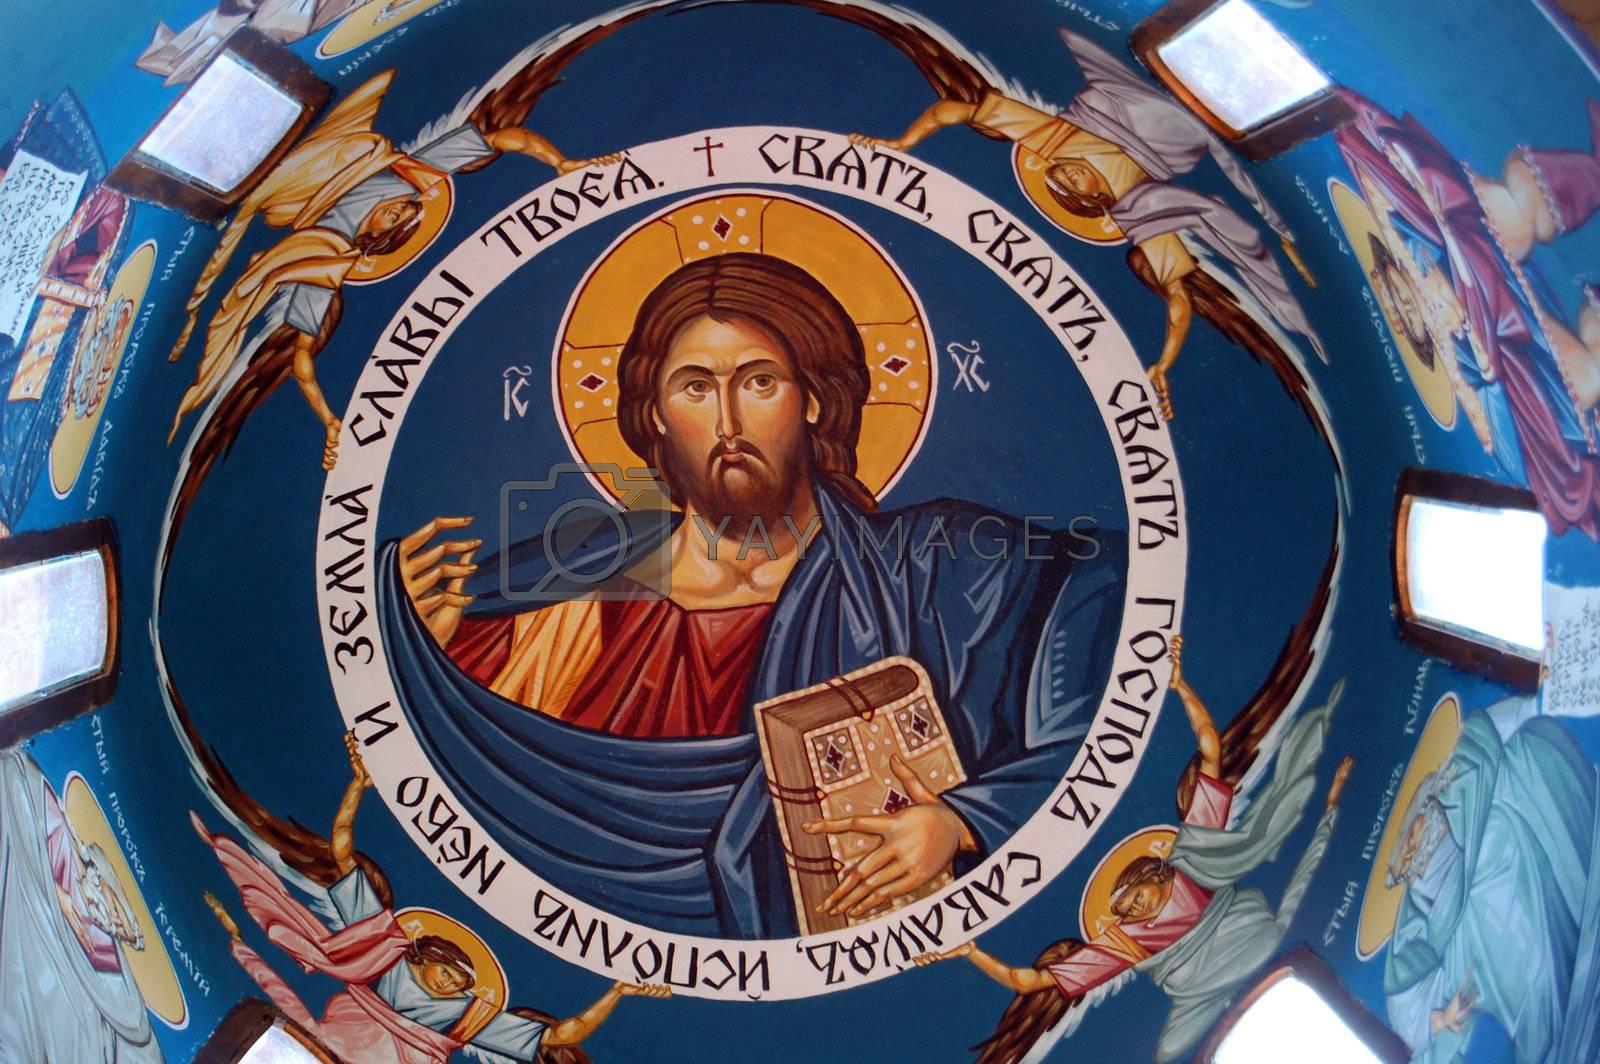 fresoe of jesus